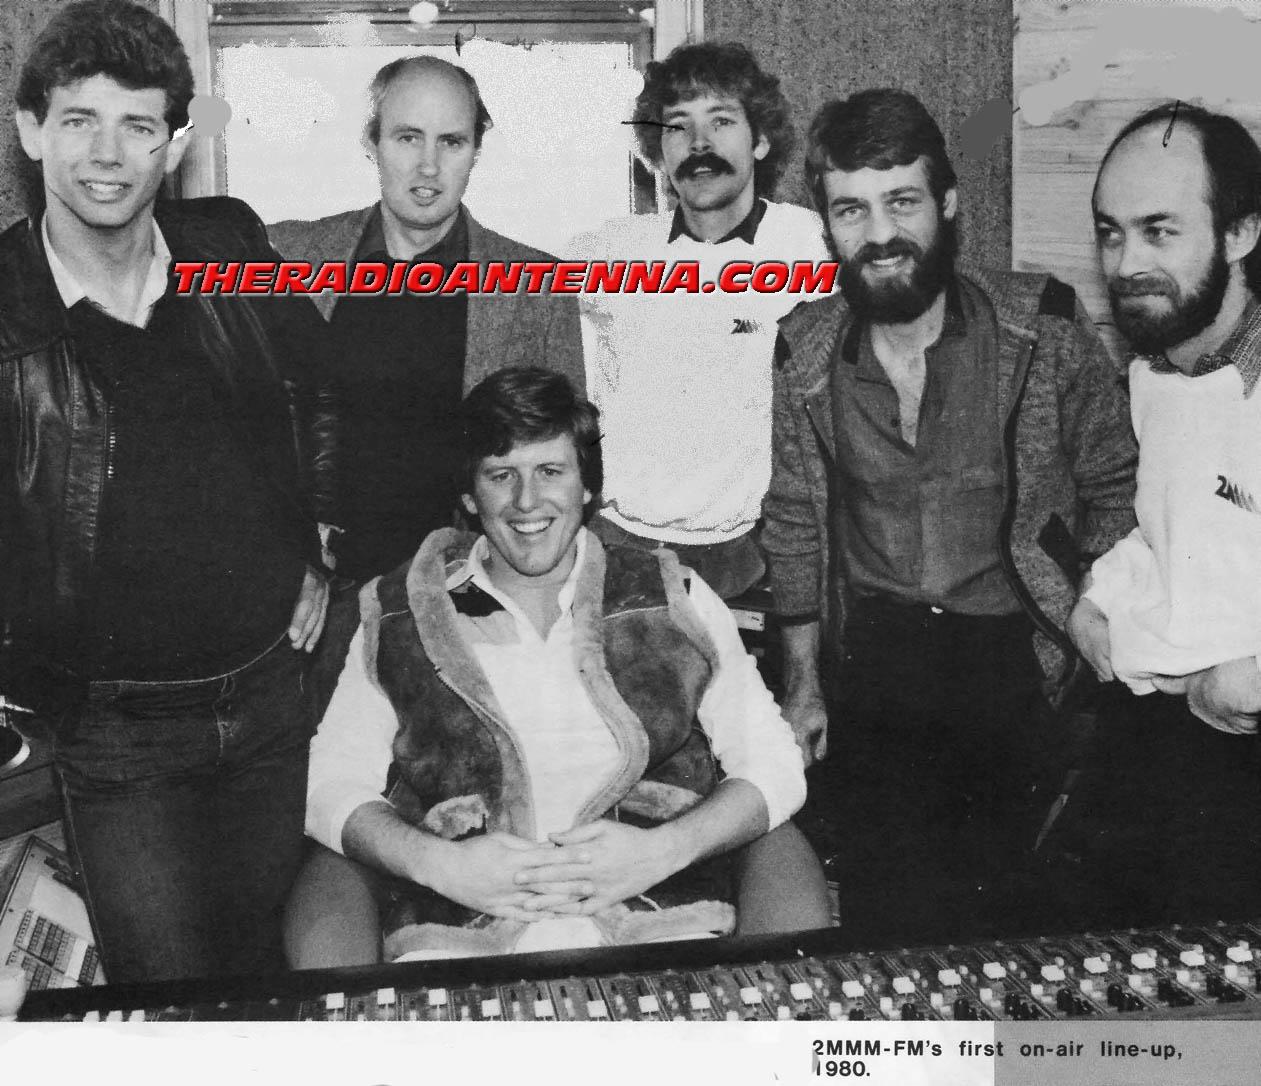 2MMM FM first on-air 1980 copy